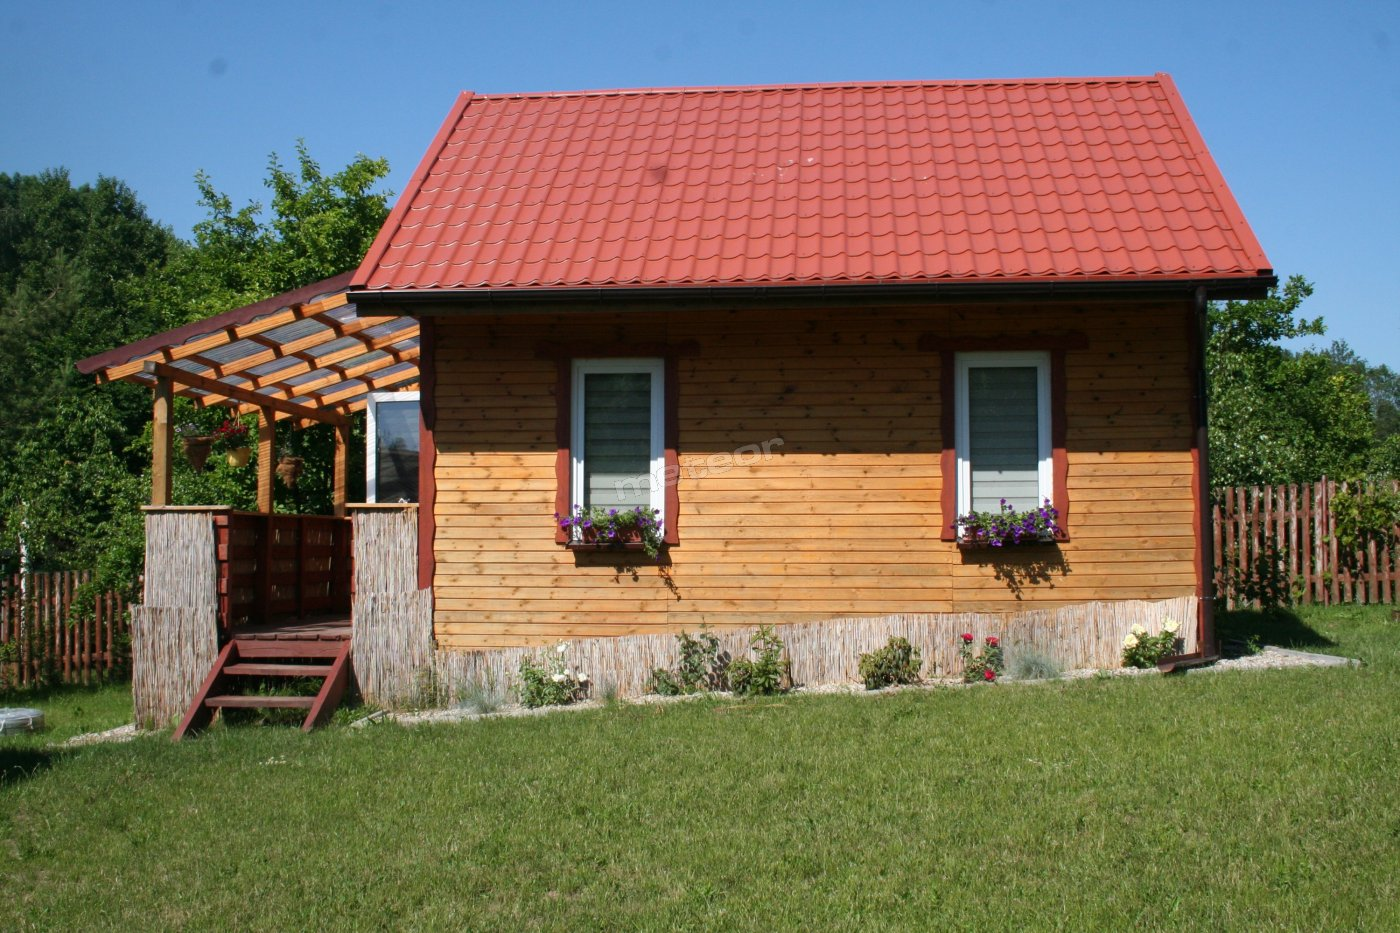 Nowy Domek Ublik Mazury